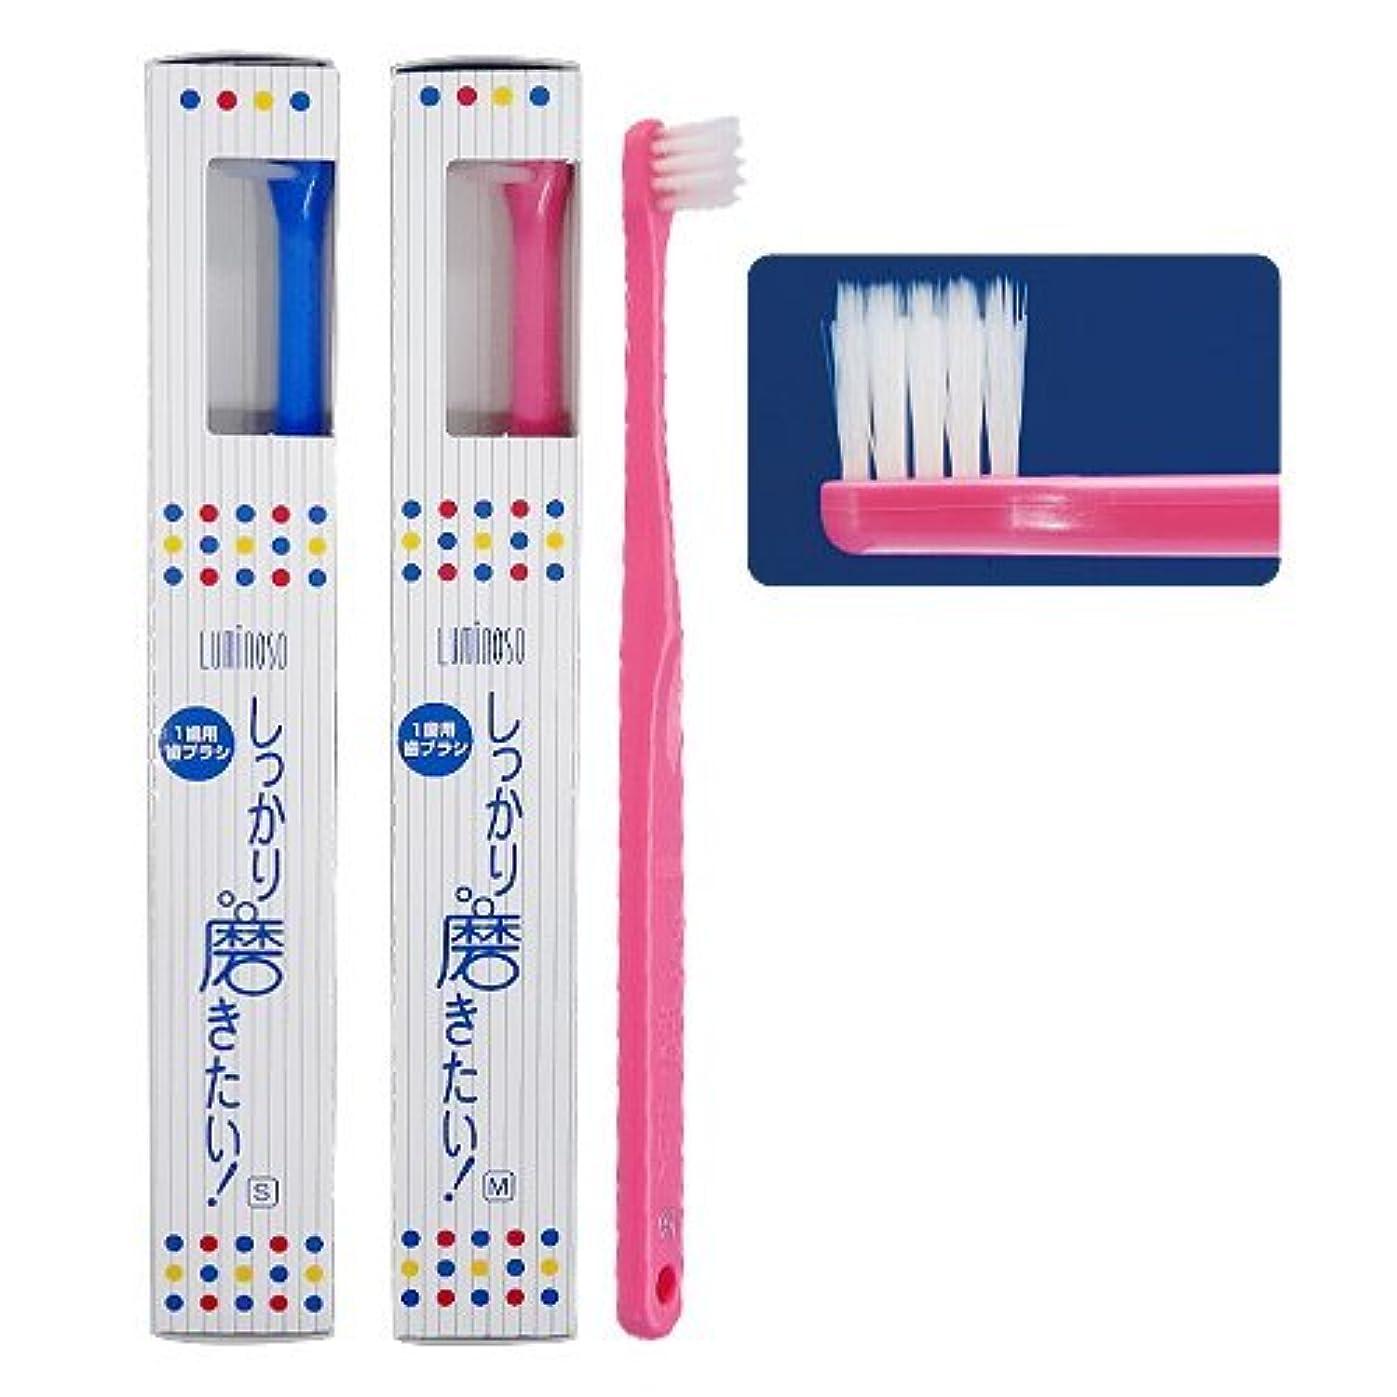 ピアニストブース解明するルミノソ 1歯用歯ブラシ「しっかり磨きたい!」スタンダード ミディアム (カラー指定不可) 5本